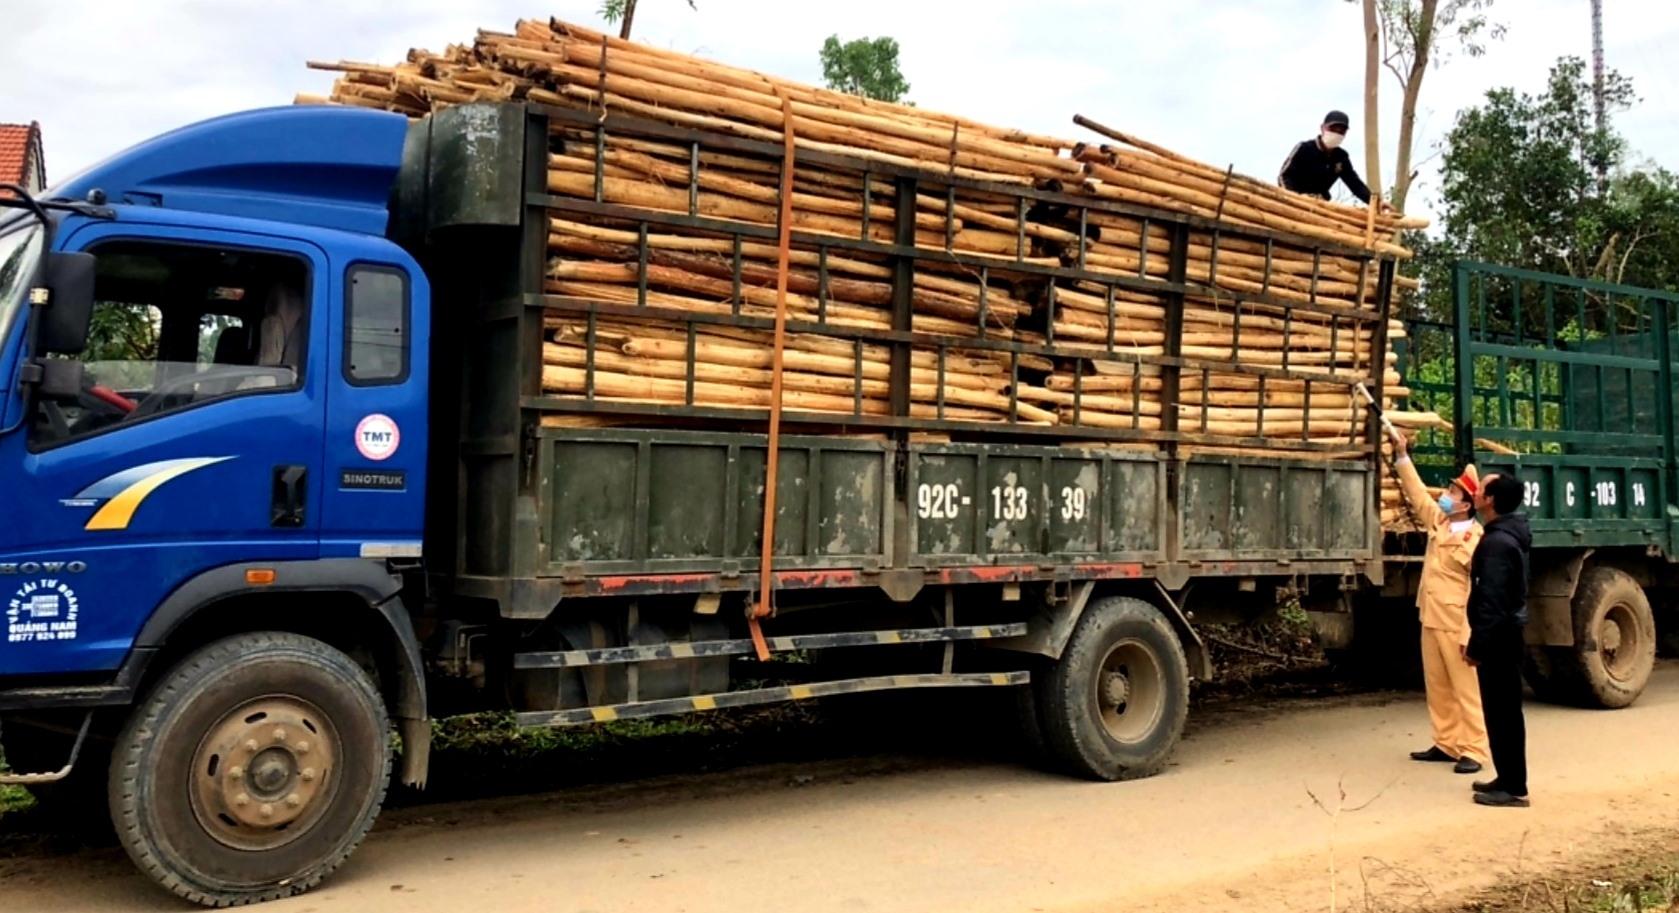 Lực lượng CSGT Công an huyện Quế Sơn buộc hạ tải trọng đối với xe chở quá tải. Ảnh: T.L